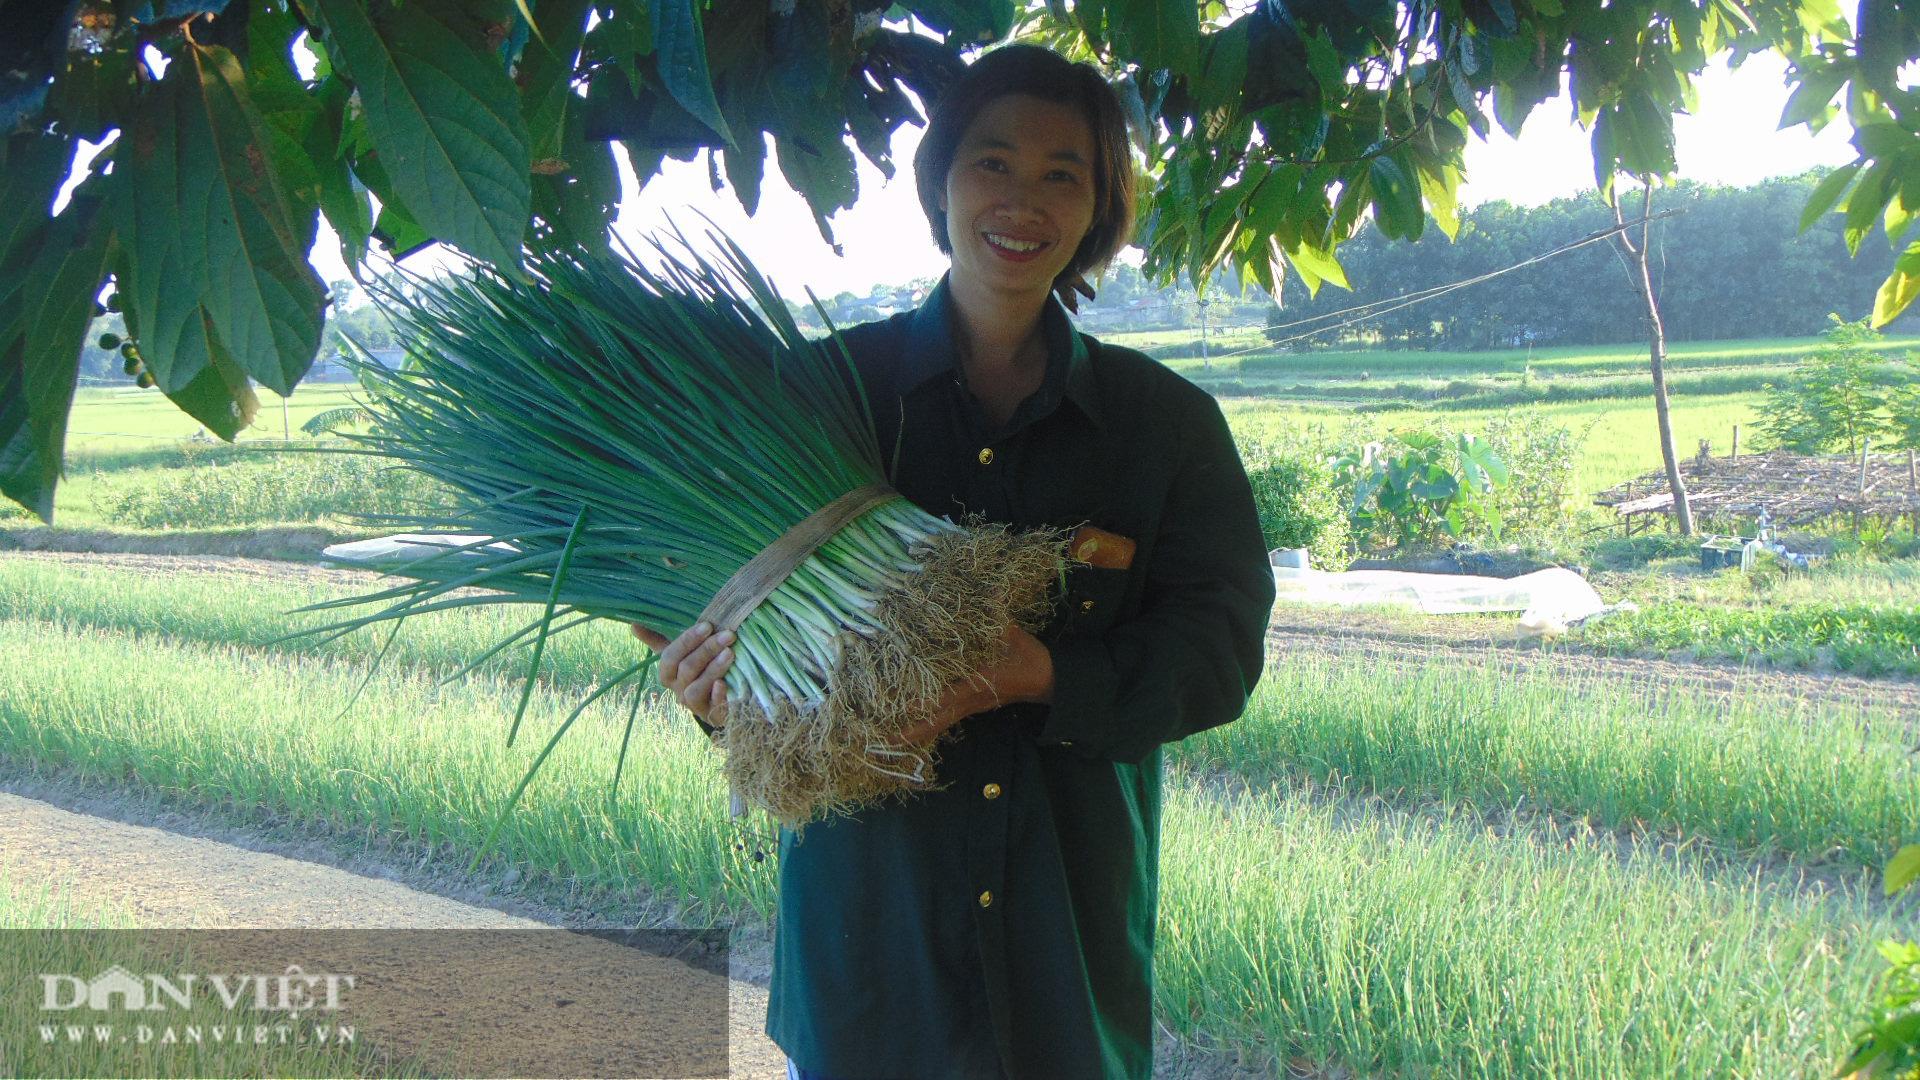 Trồng rau an toàn, nữ giám đốc 8x Thái Nguyên kiếm vài chục triệu đồng mỗi tháng - Ảnh 13.